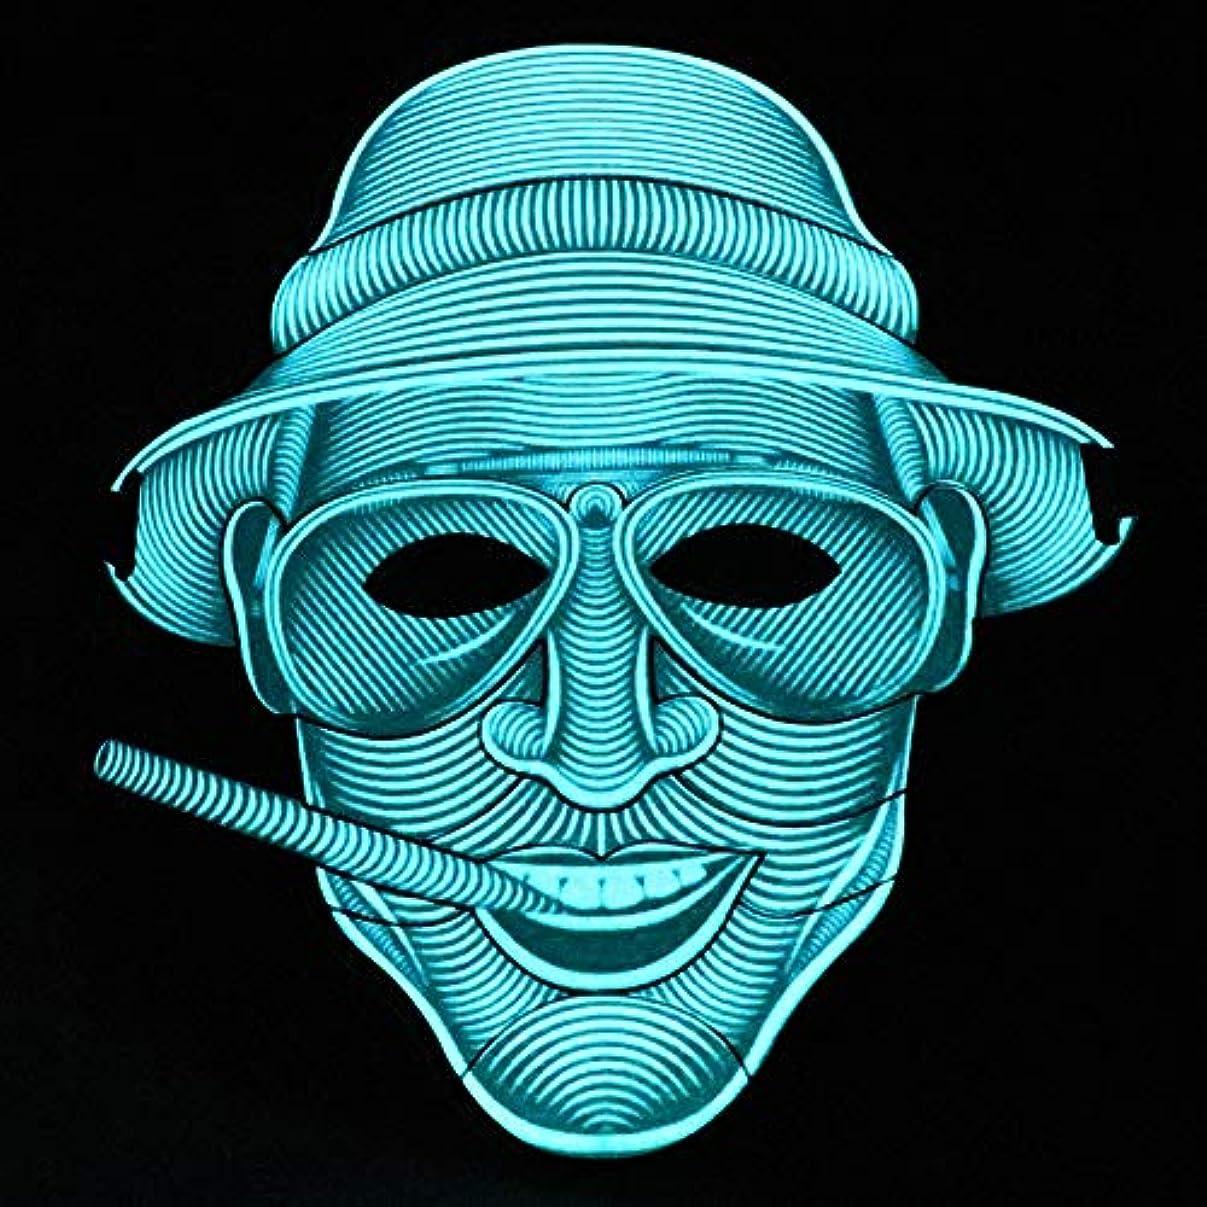 首ディレクター師匠照らされたマスクLED創造的な冷光音響制御マスクハロウィンバーフェスティバルダンスマスク (Color : #9)